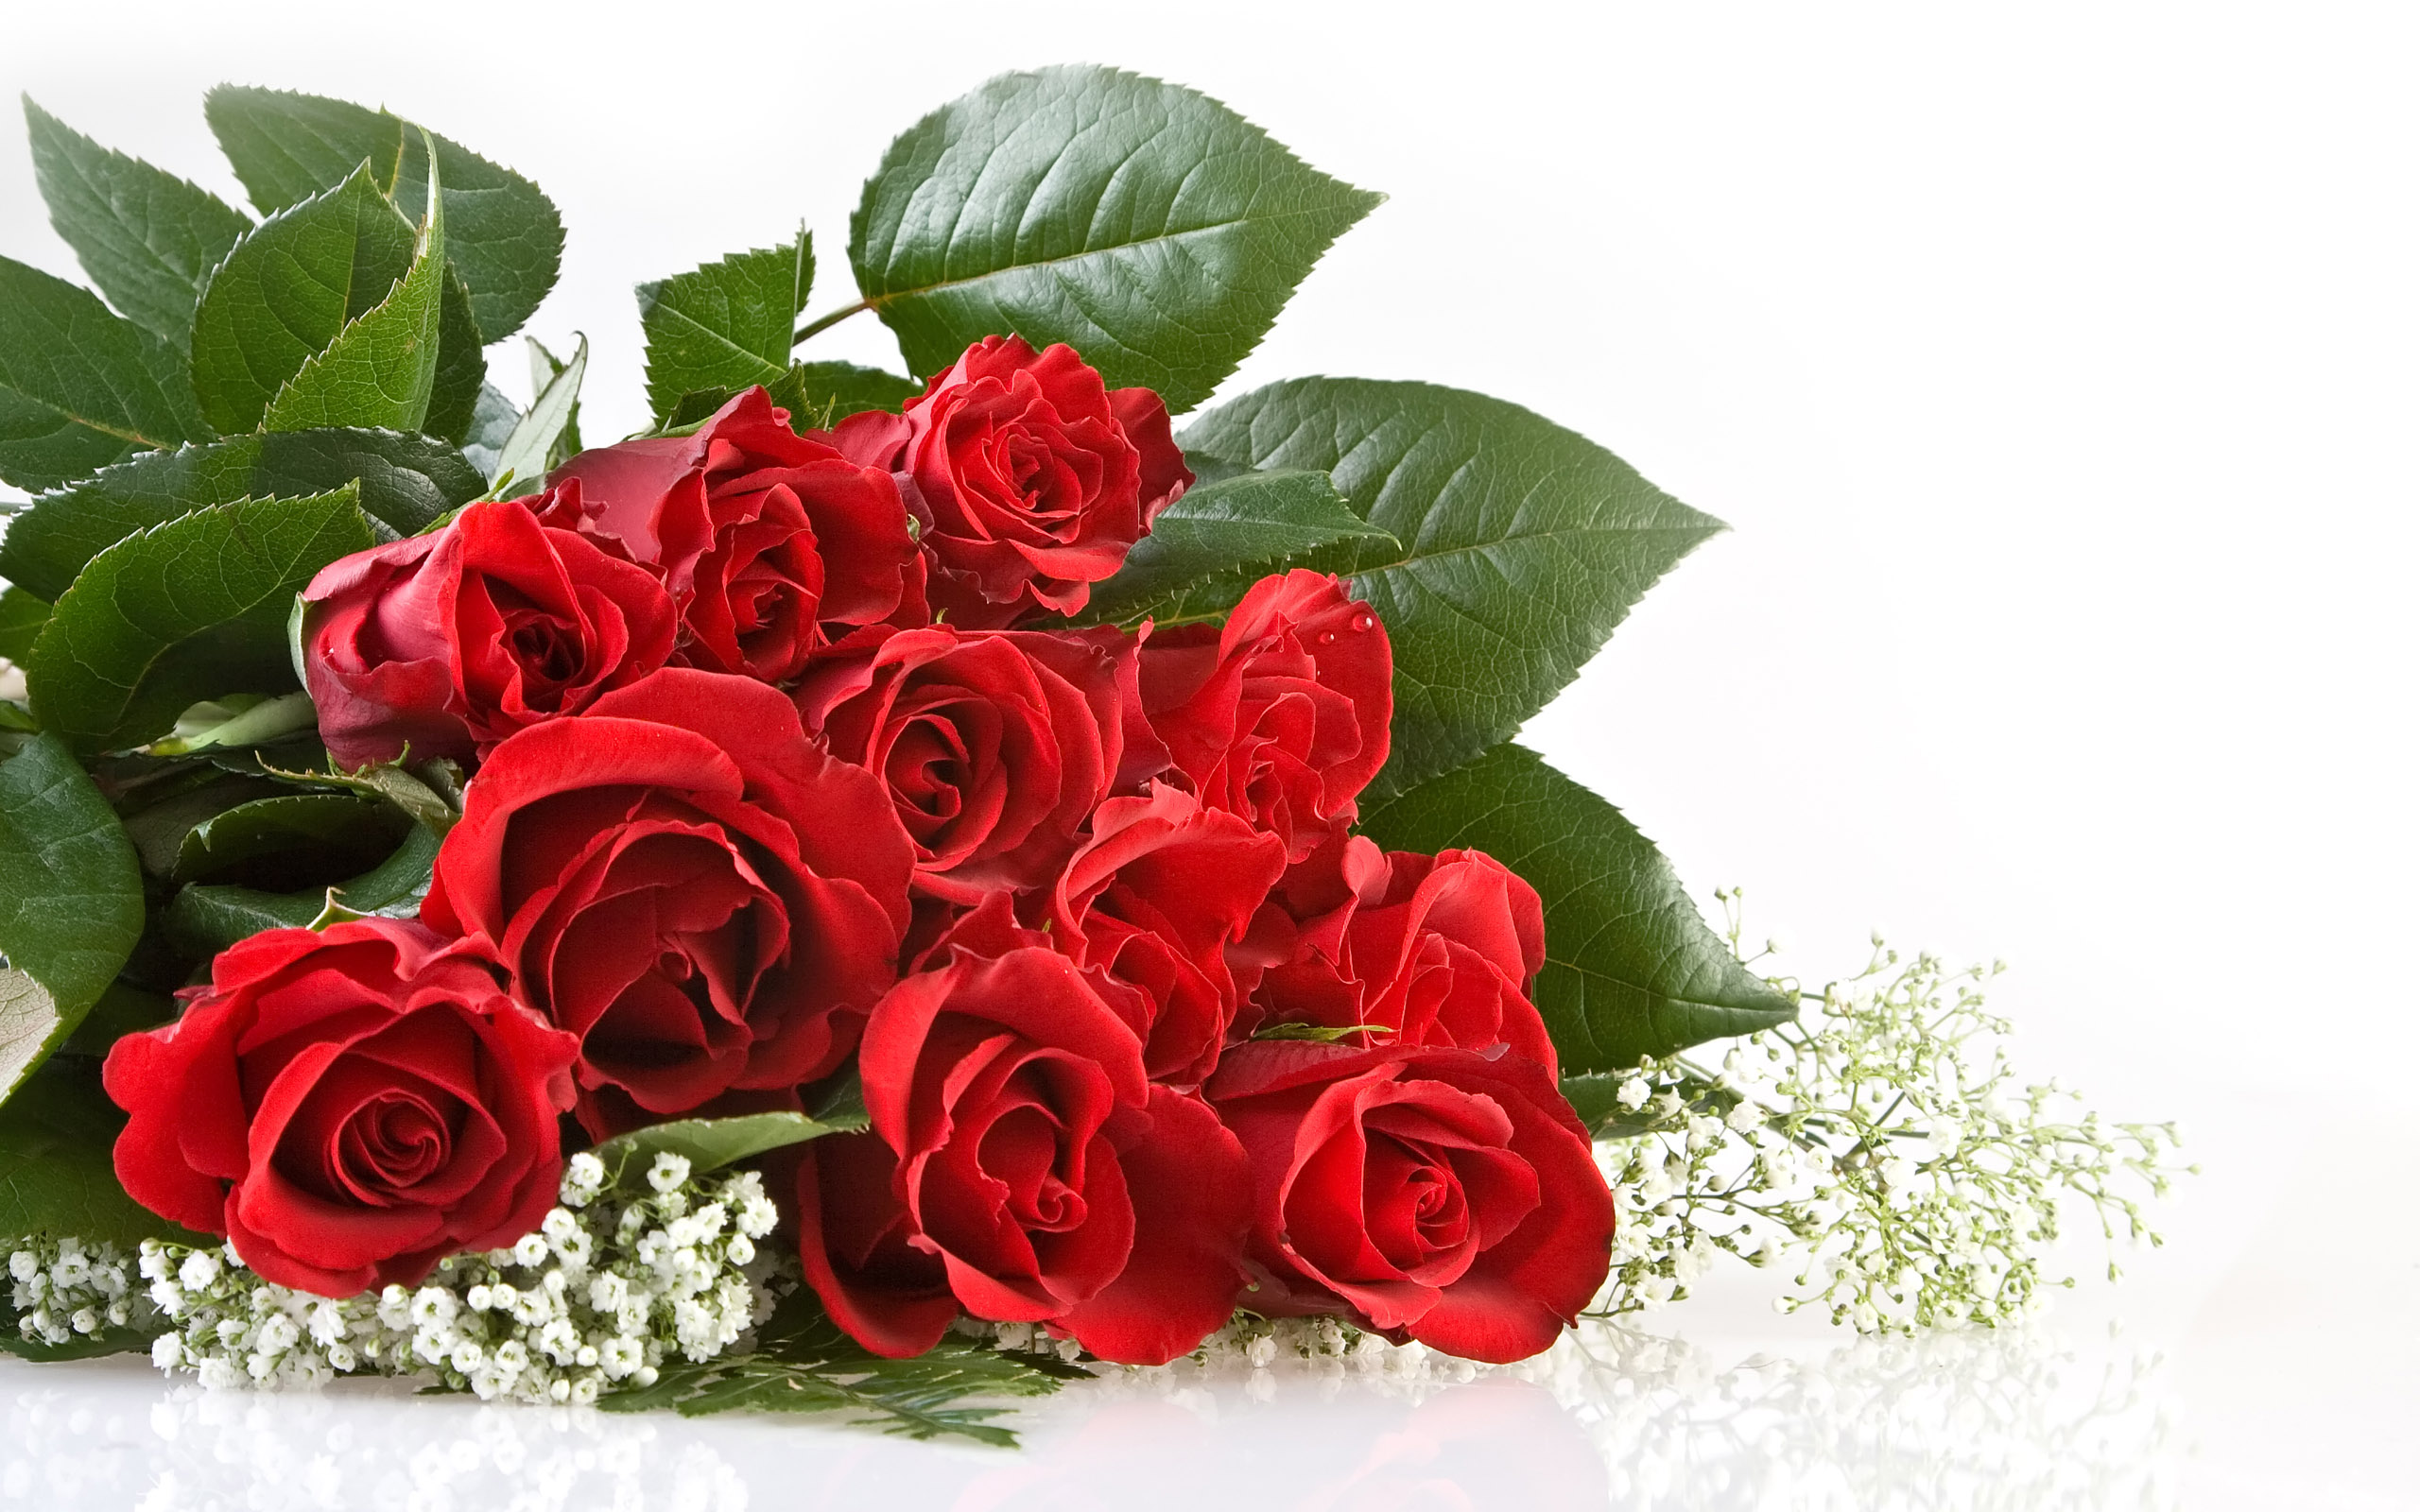 Картинка На Рабочий Стол Красные Розы